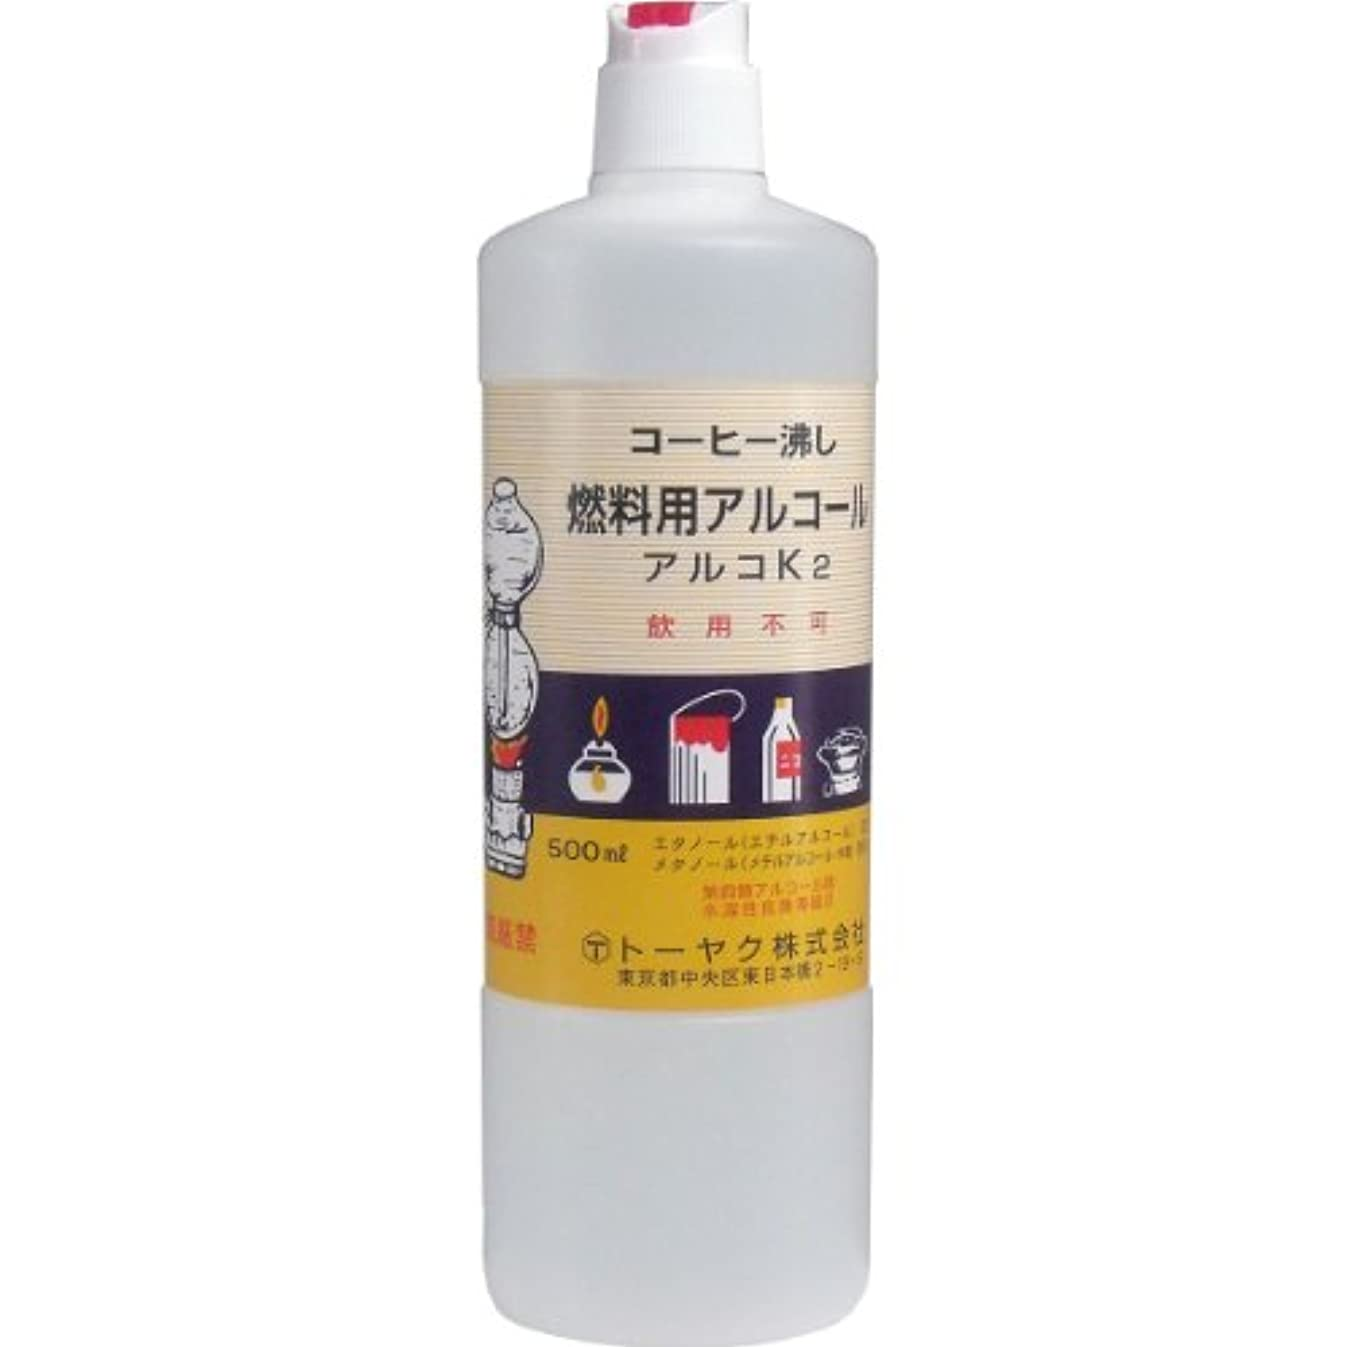 十年命令的臨検燃料用アルコール アルコK2 ×3個セット